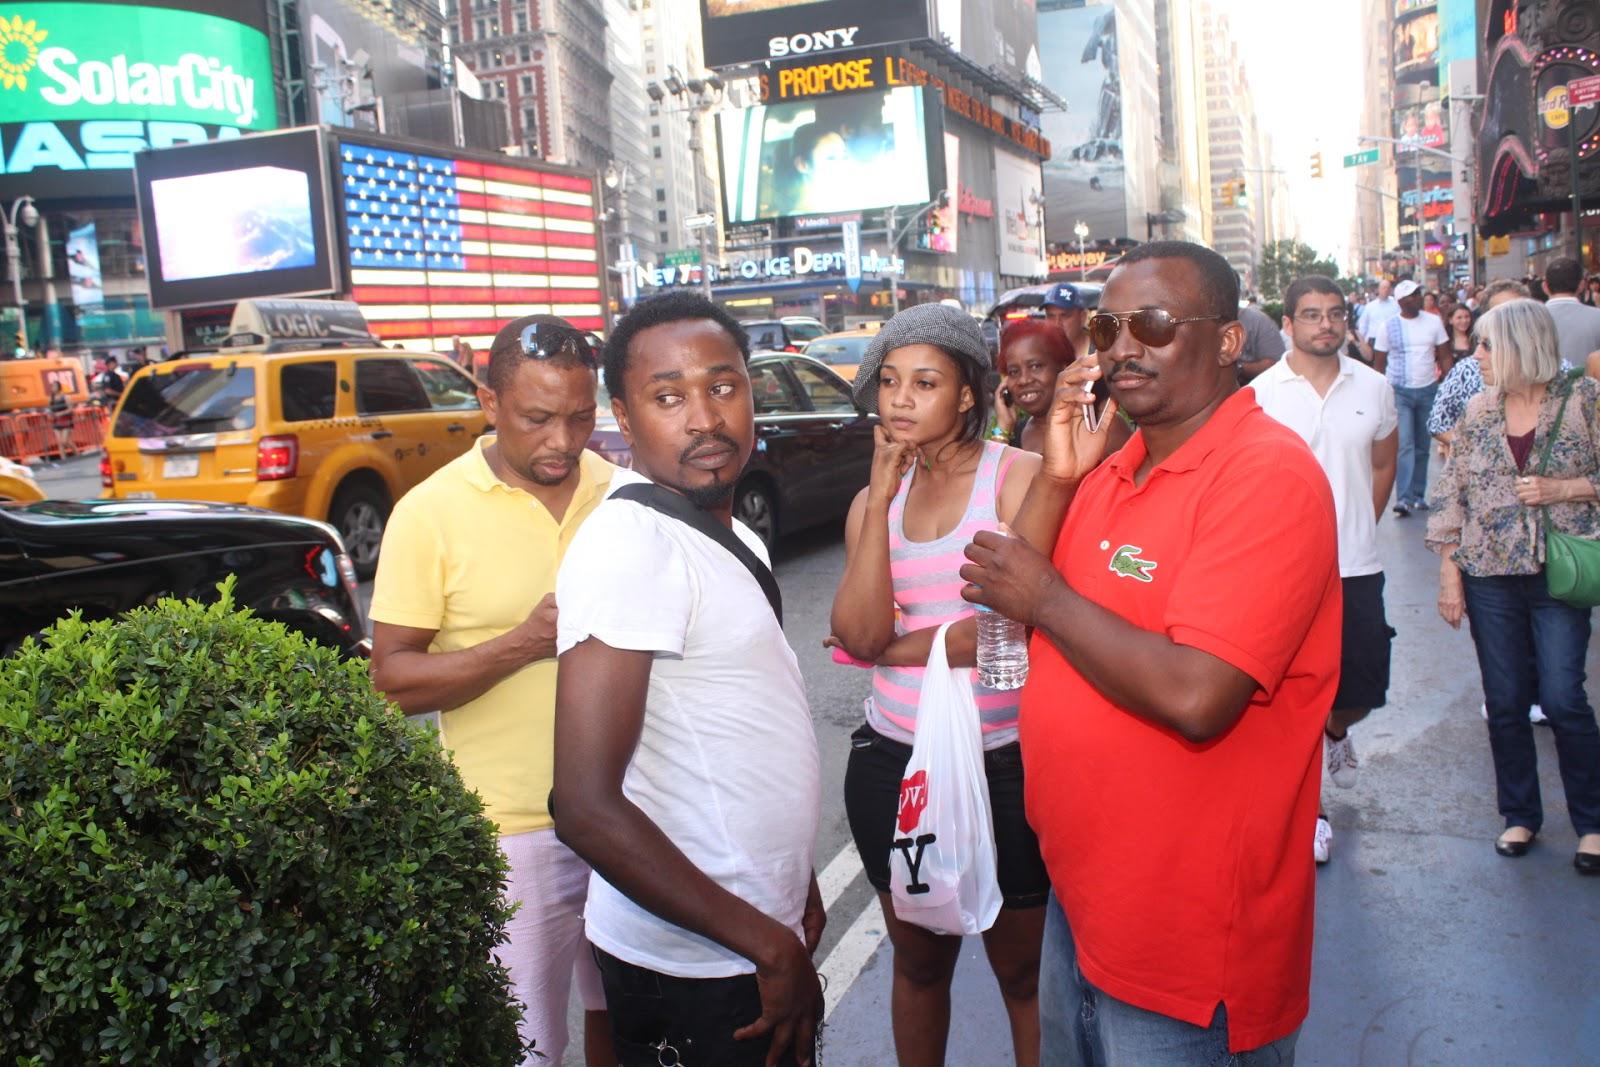 CHEKI PICHA 12 ZA MASANJA NA SHILOLE WALIZO PIGA JANA NEW YORK CITY